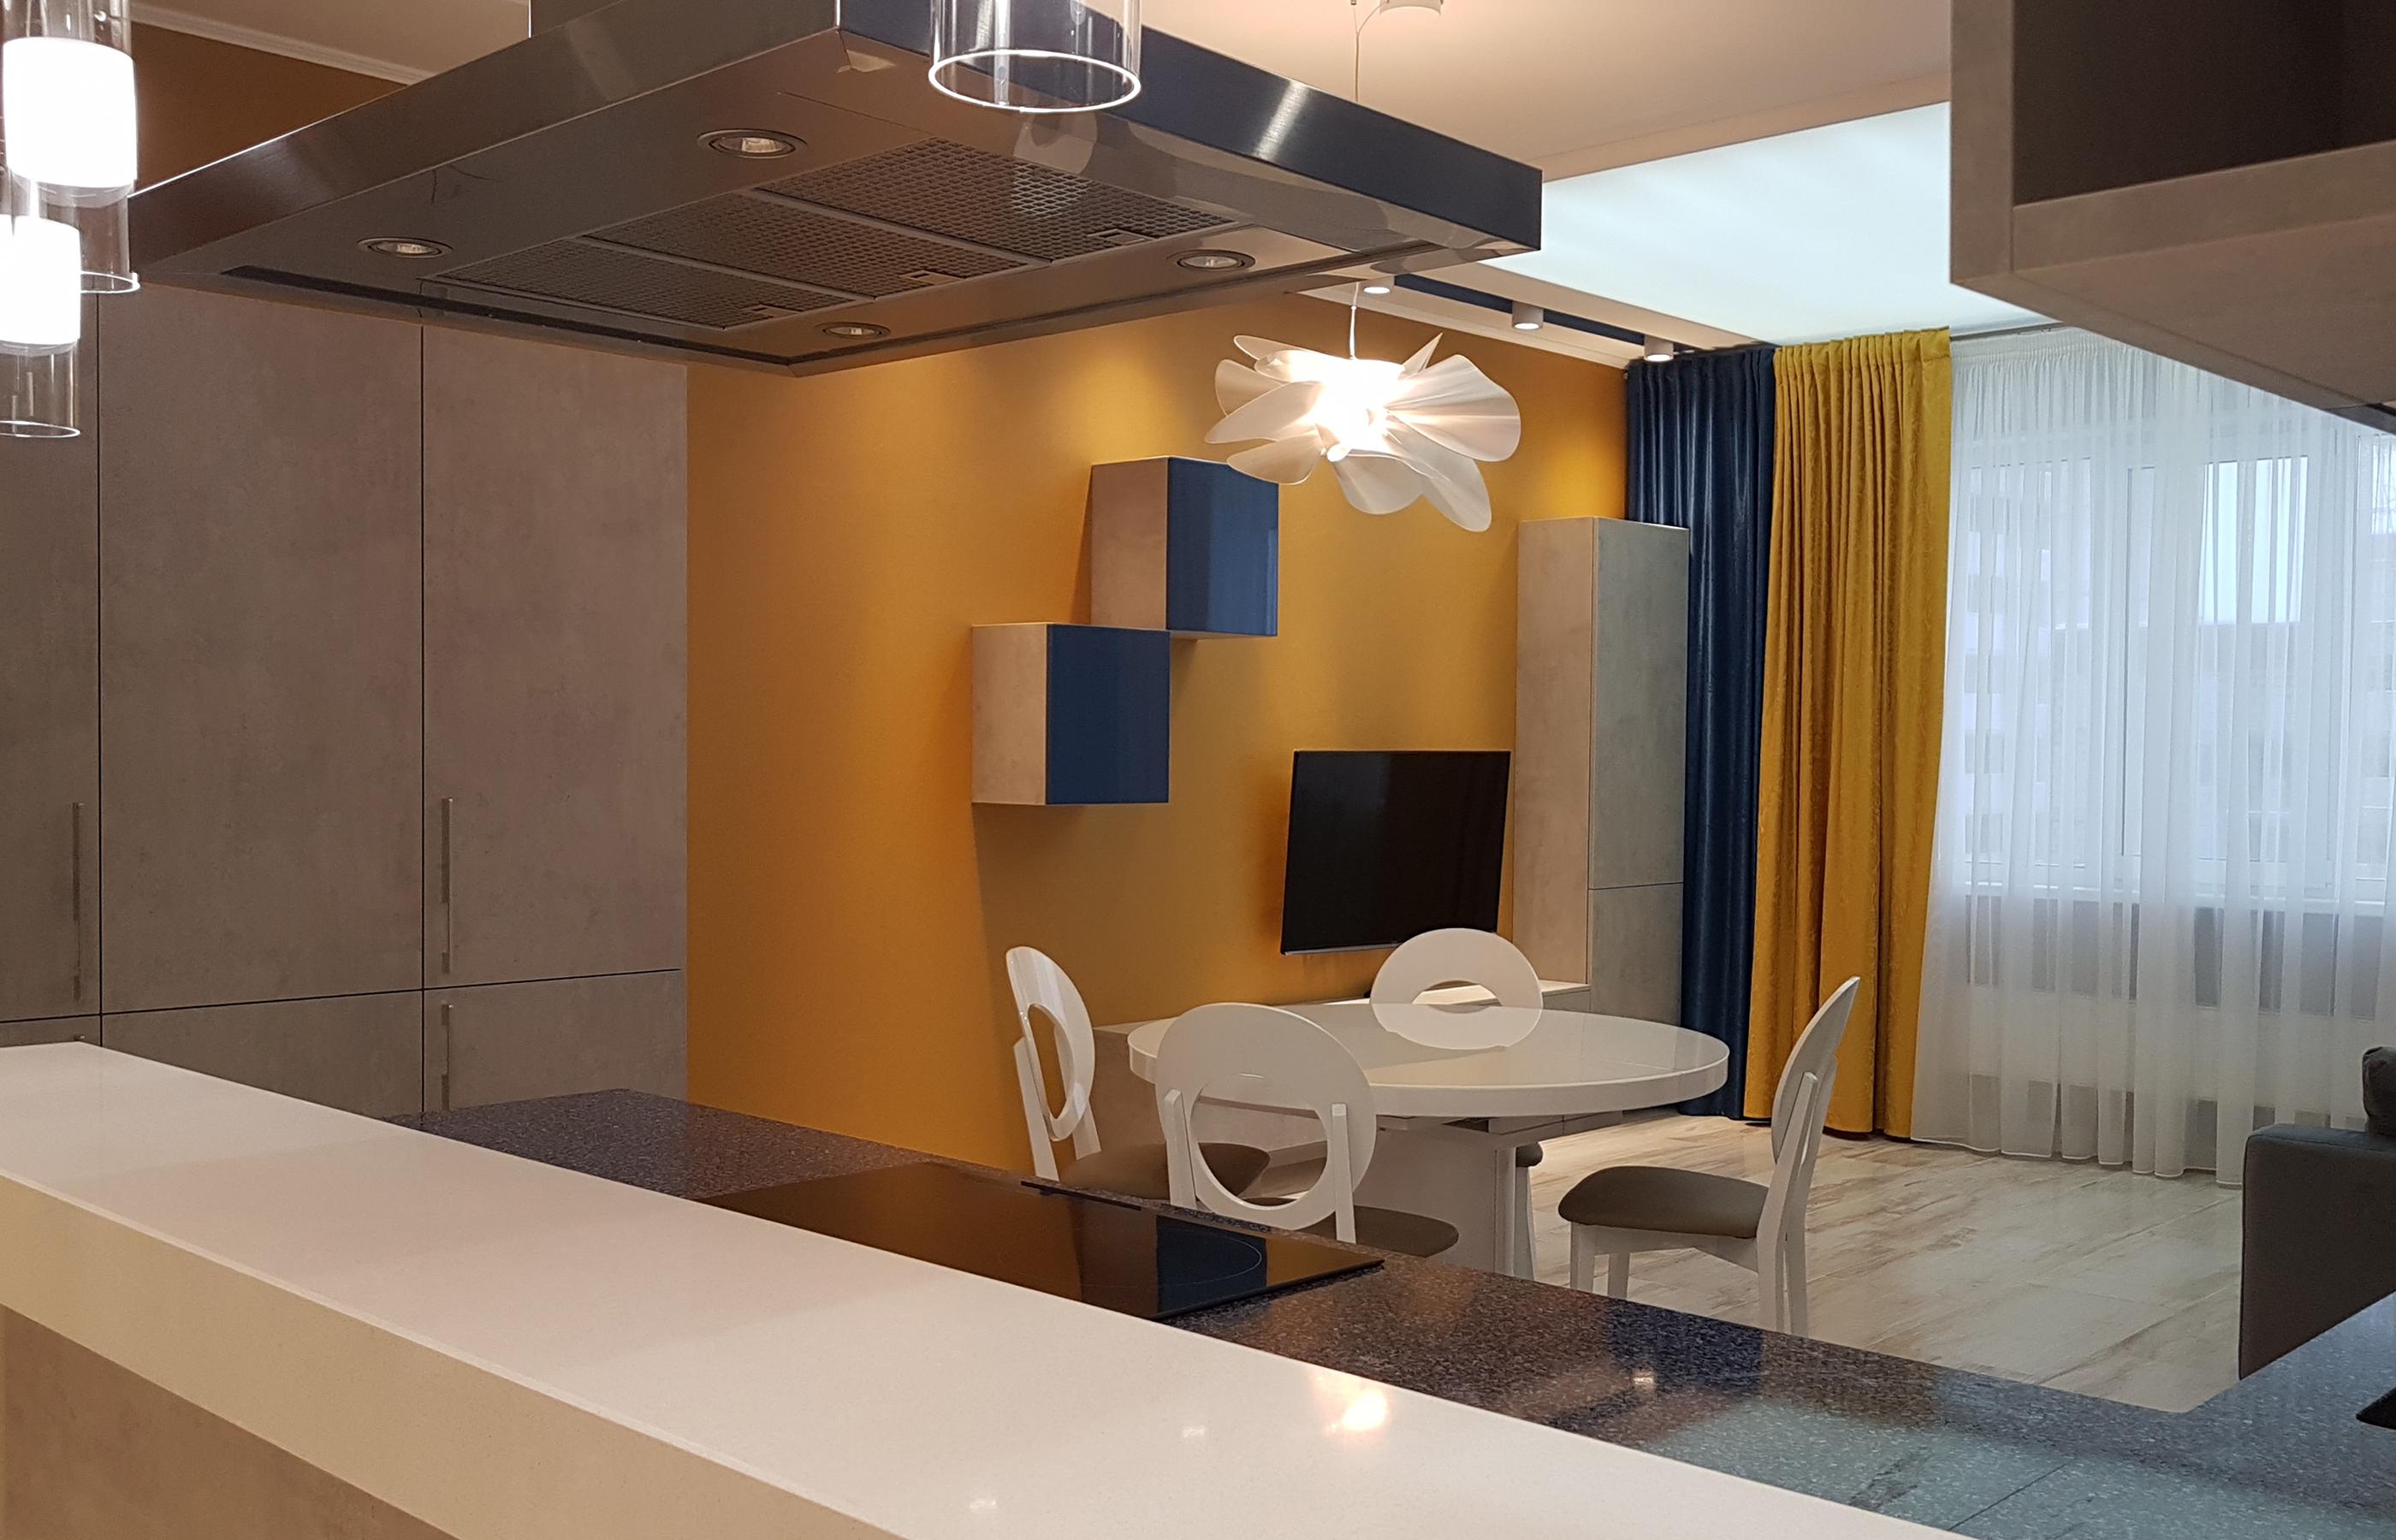 Мебель для кухни и гостиной выполнена в единой цветовой гамме